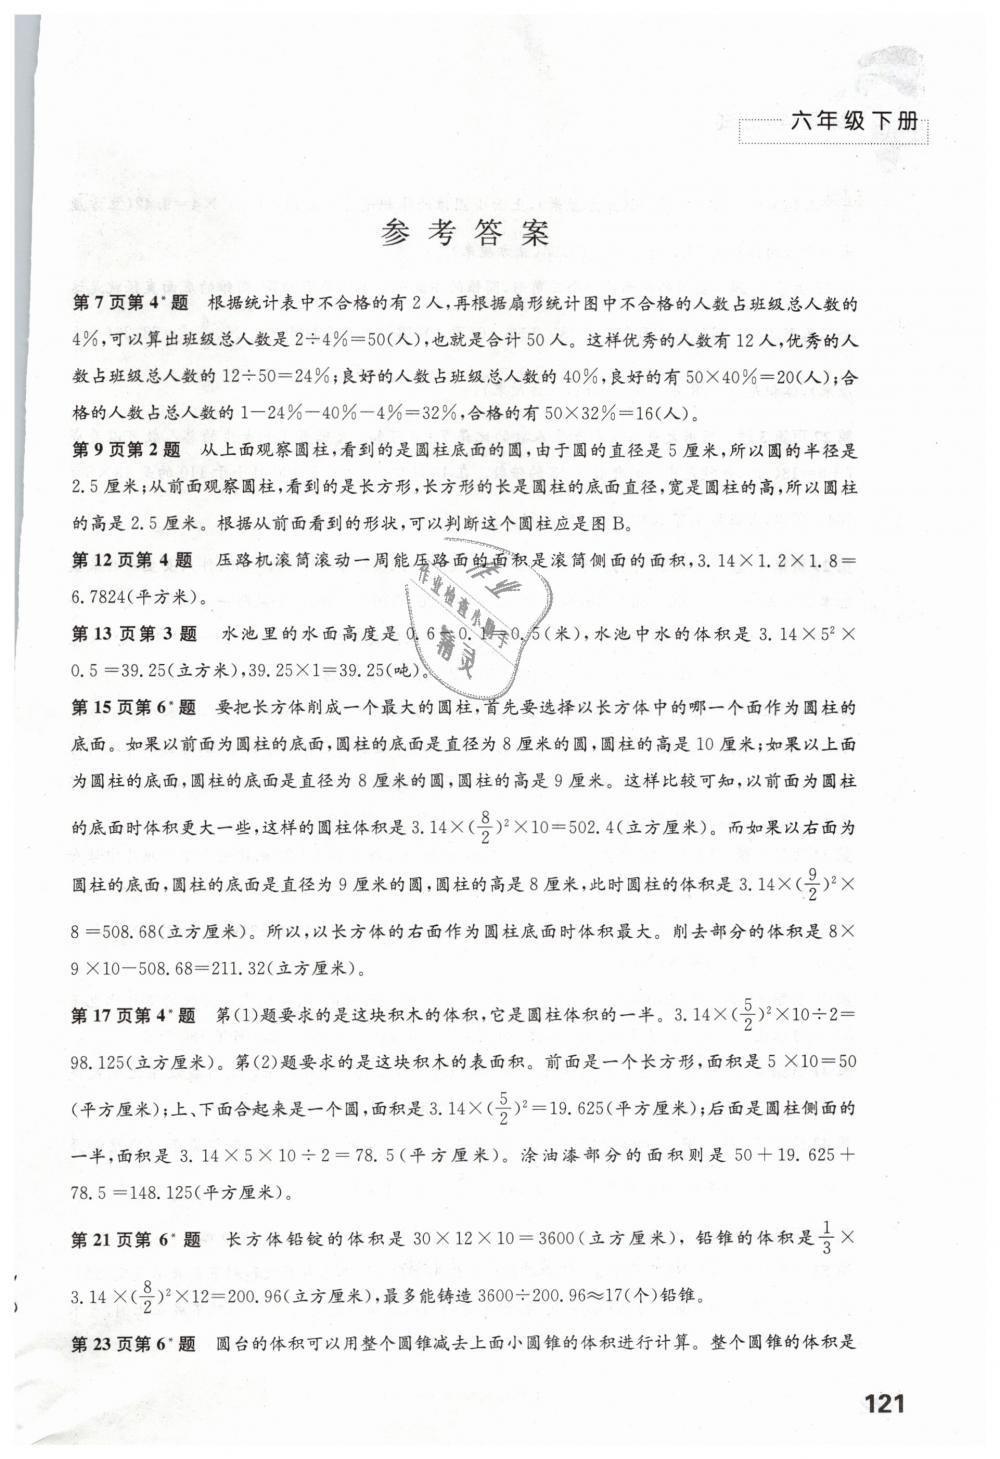 2019年練習與測試小學數學六年級下冊蘇教版第1頁